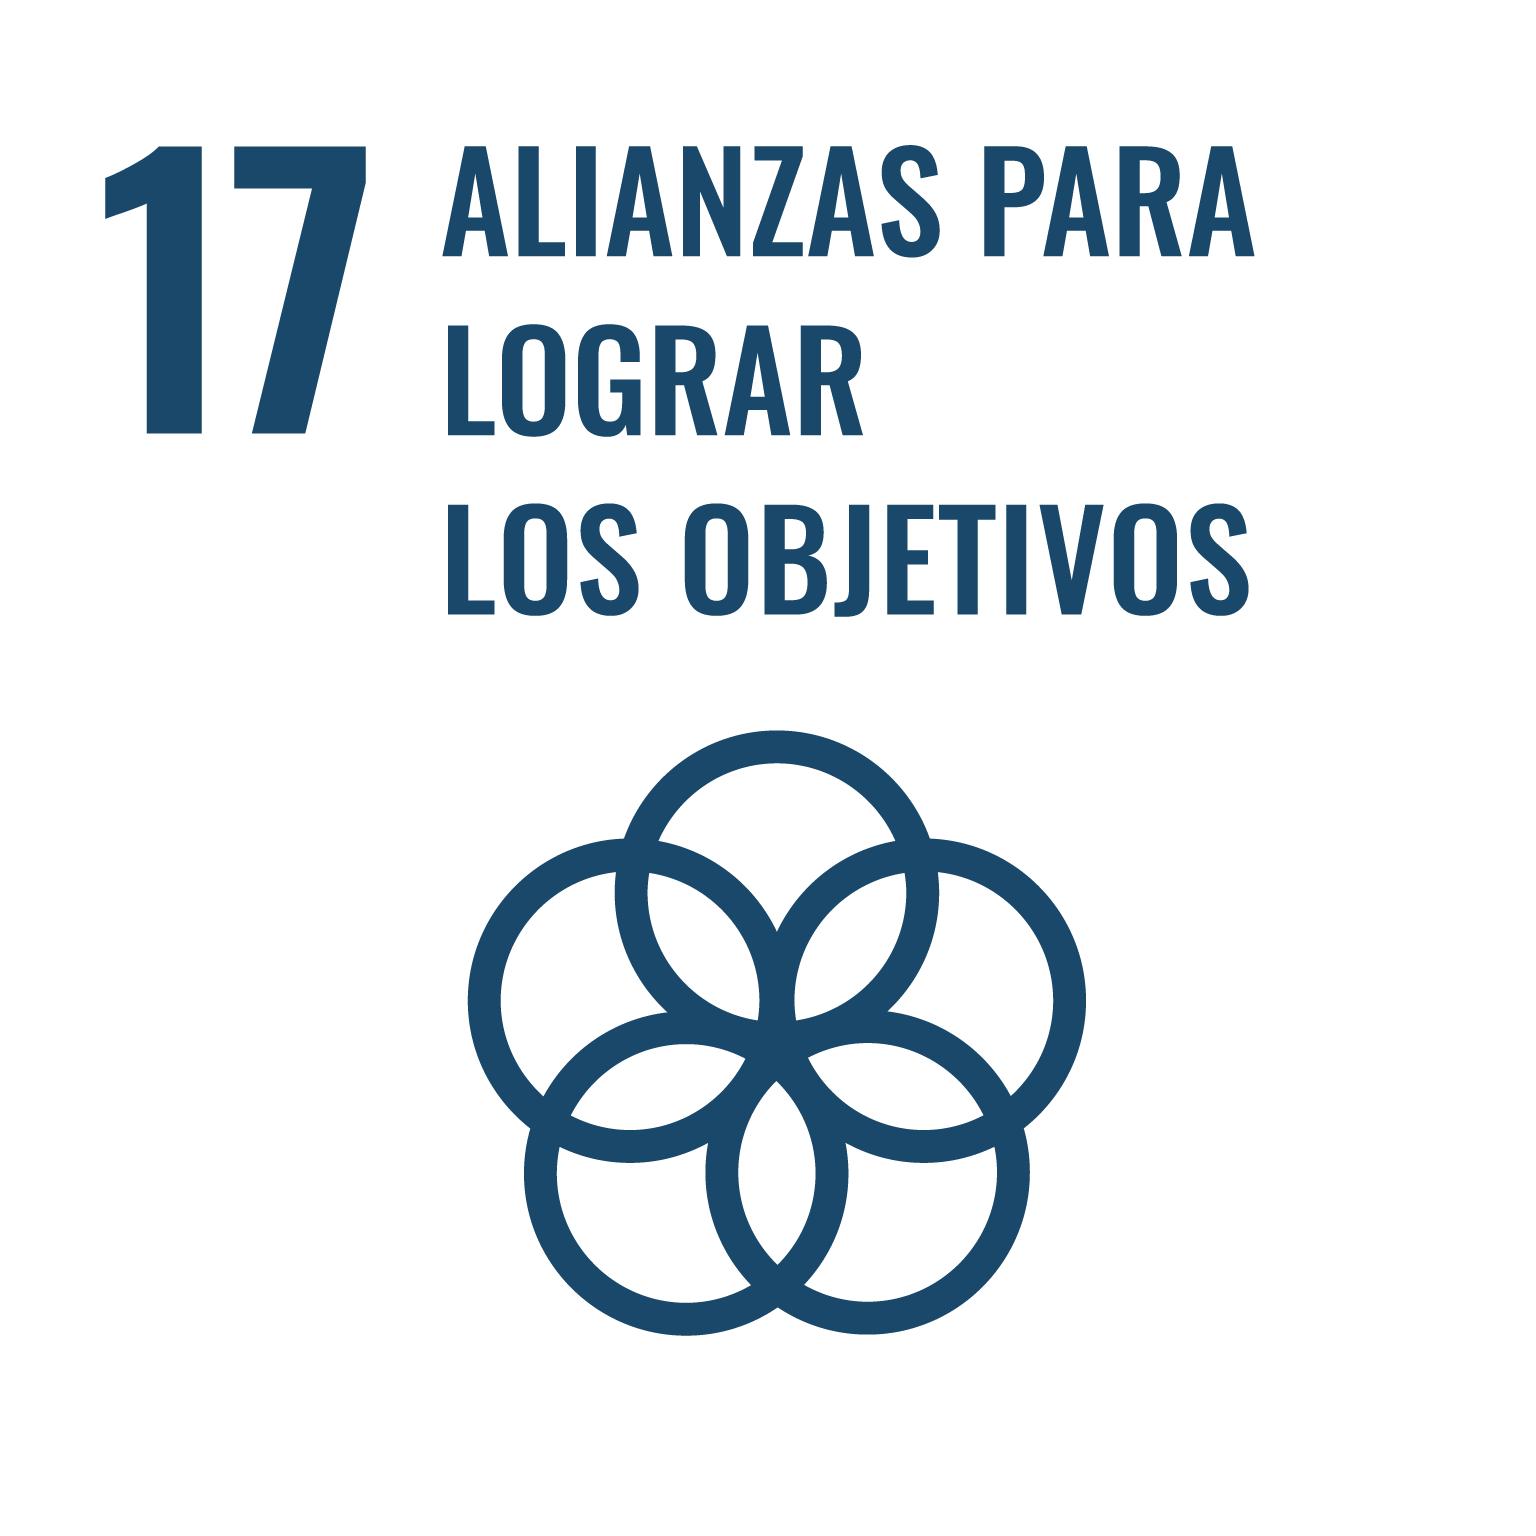 Icono del Objetivo de Desarrollo Sostenible Alianzas para lograr los objetivos